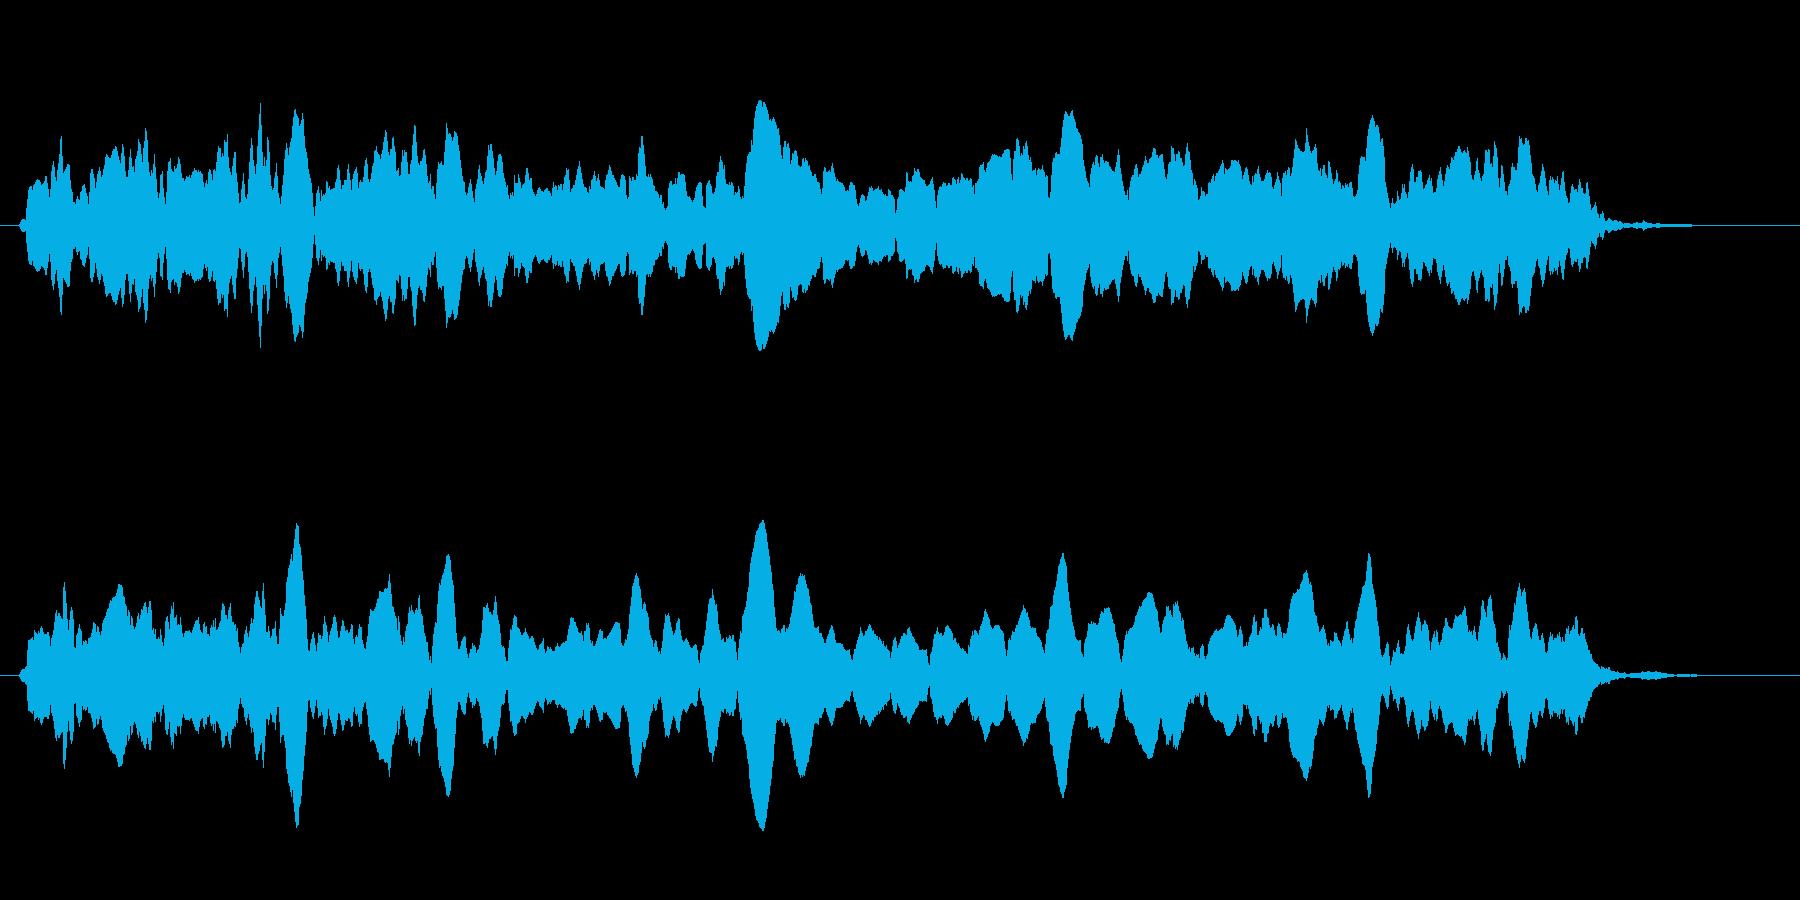 ピピピ(自主規制・数値・パラメータ表示)の再生済みの波形